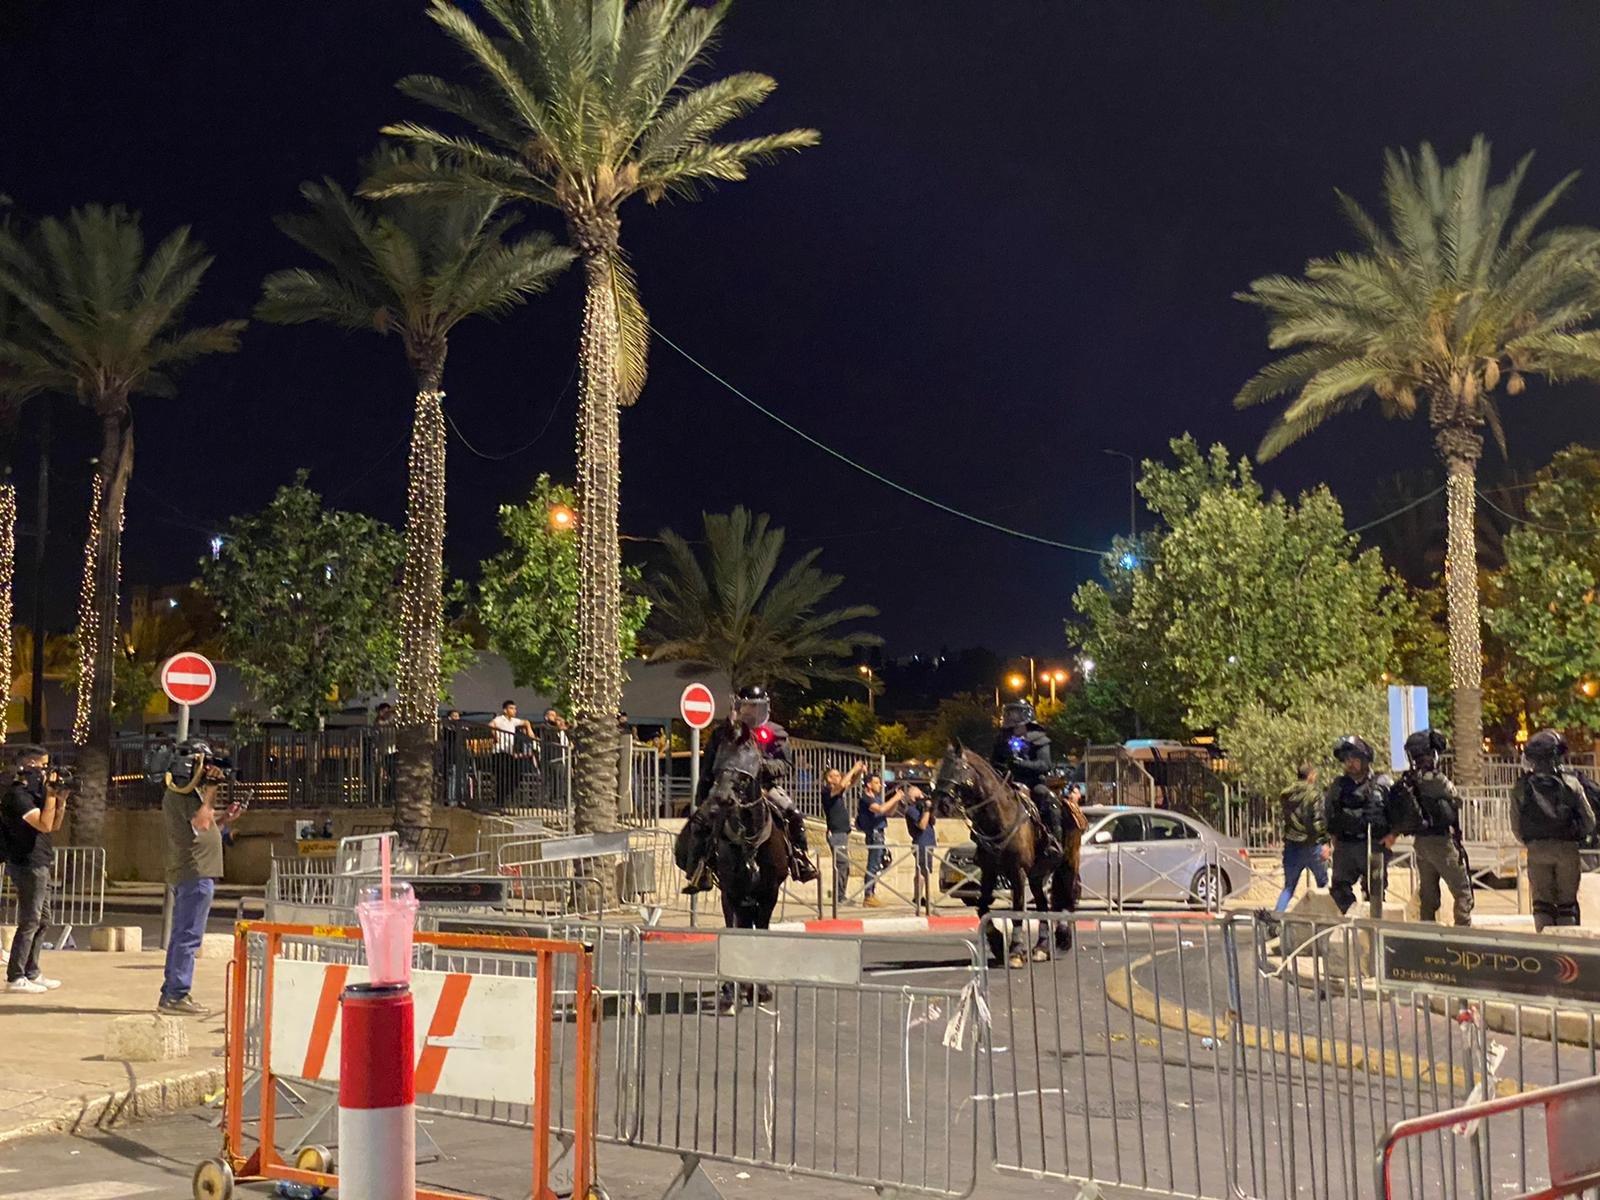 مواجهات مع الشرطة واعتقال 3 مواطنين في باب العامود بالقدس-3